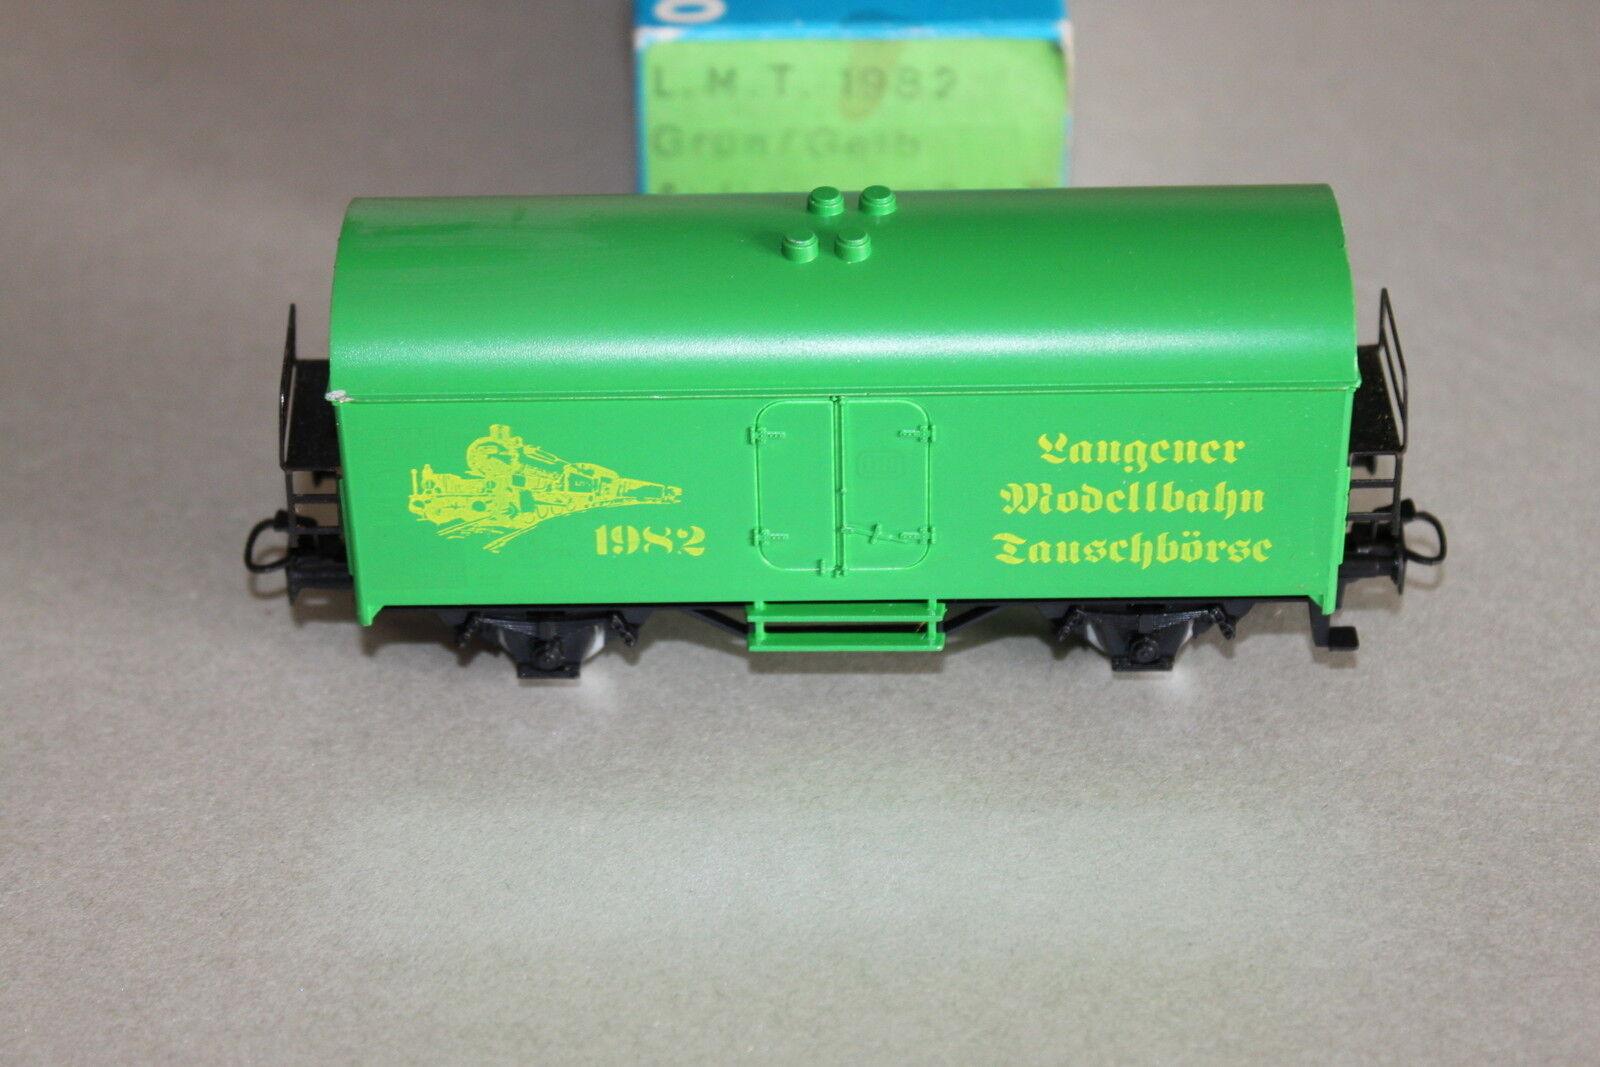 miglior prezzo marklin 4415 2-camion frigoriferi autorello langener langener langener modellololo scambio ferroviario Borsa valori 1982 traccia h0 OVP  vendita di offerte